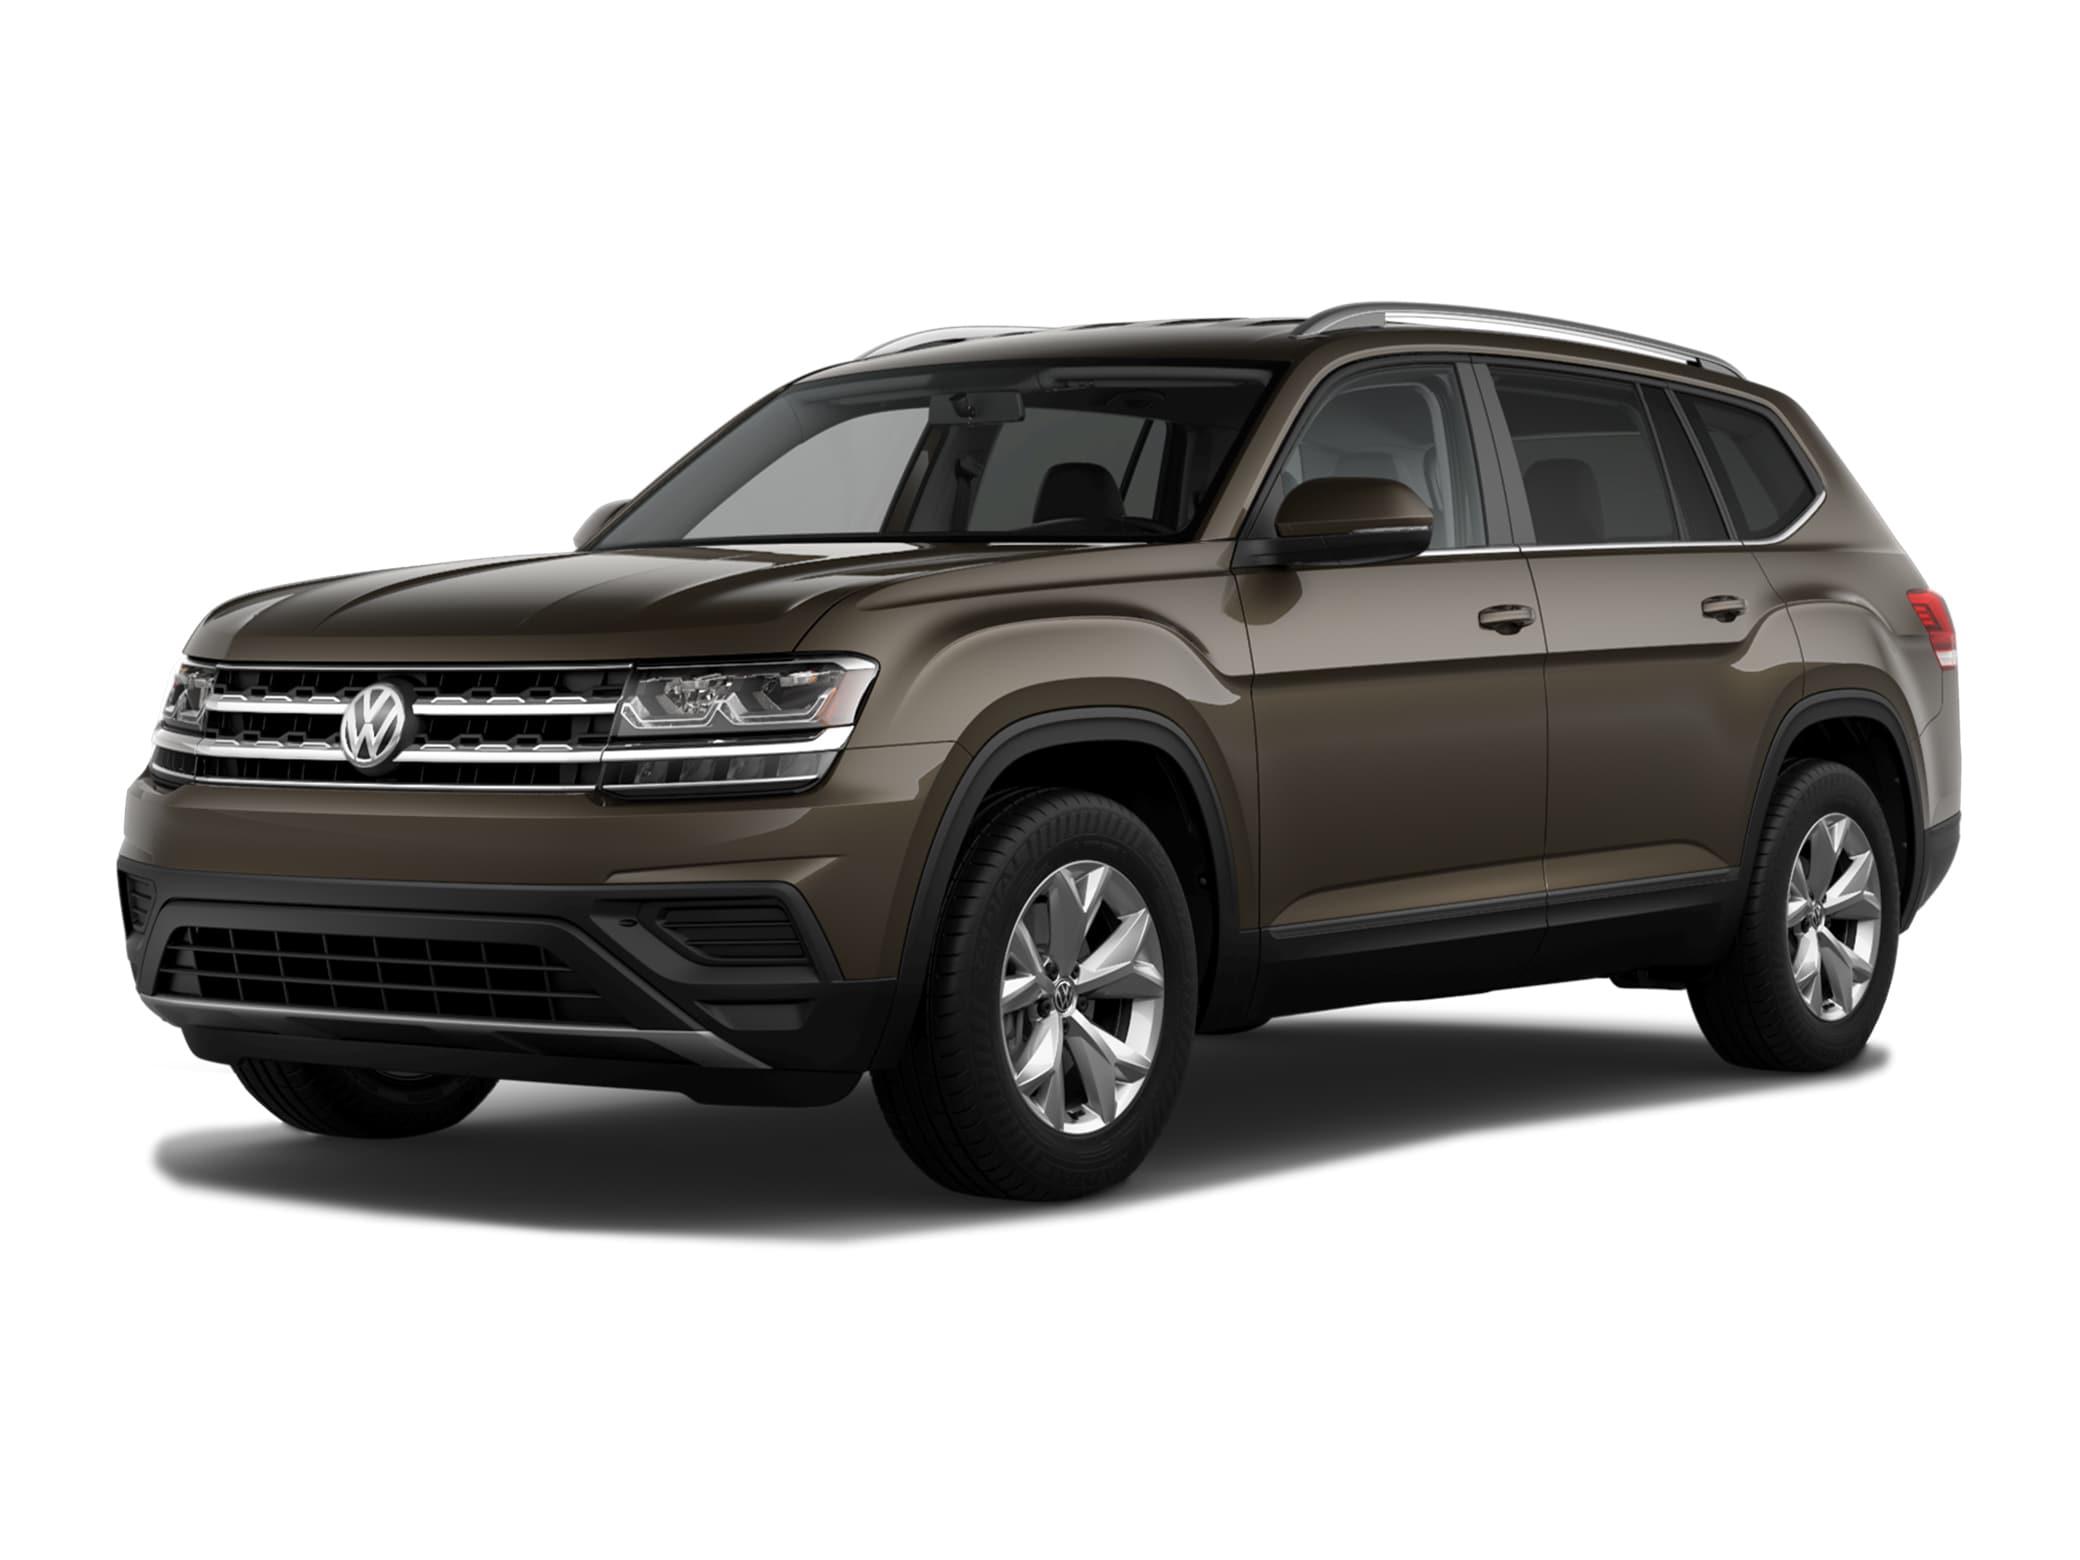 2019 Volkswagen Atlas SUV Digital Showroom | Camelback Volkswagen